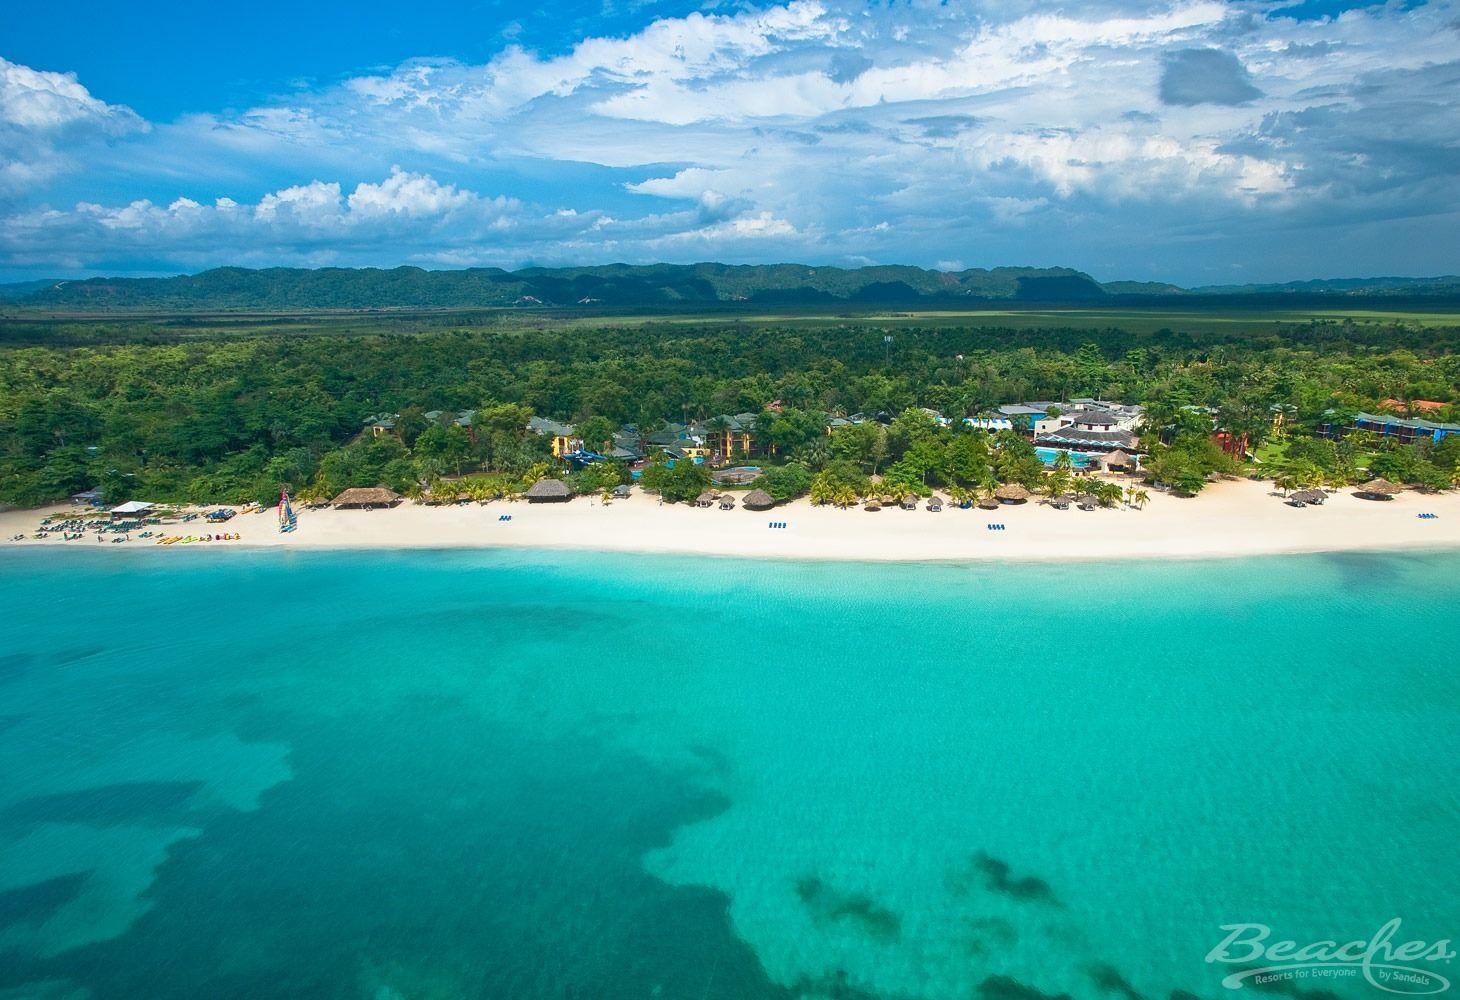 Beaches-Negril-Resort